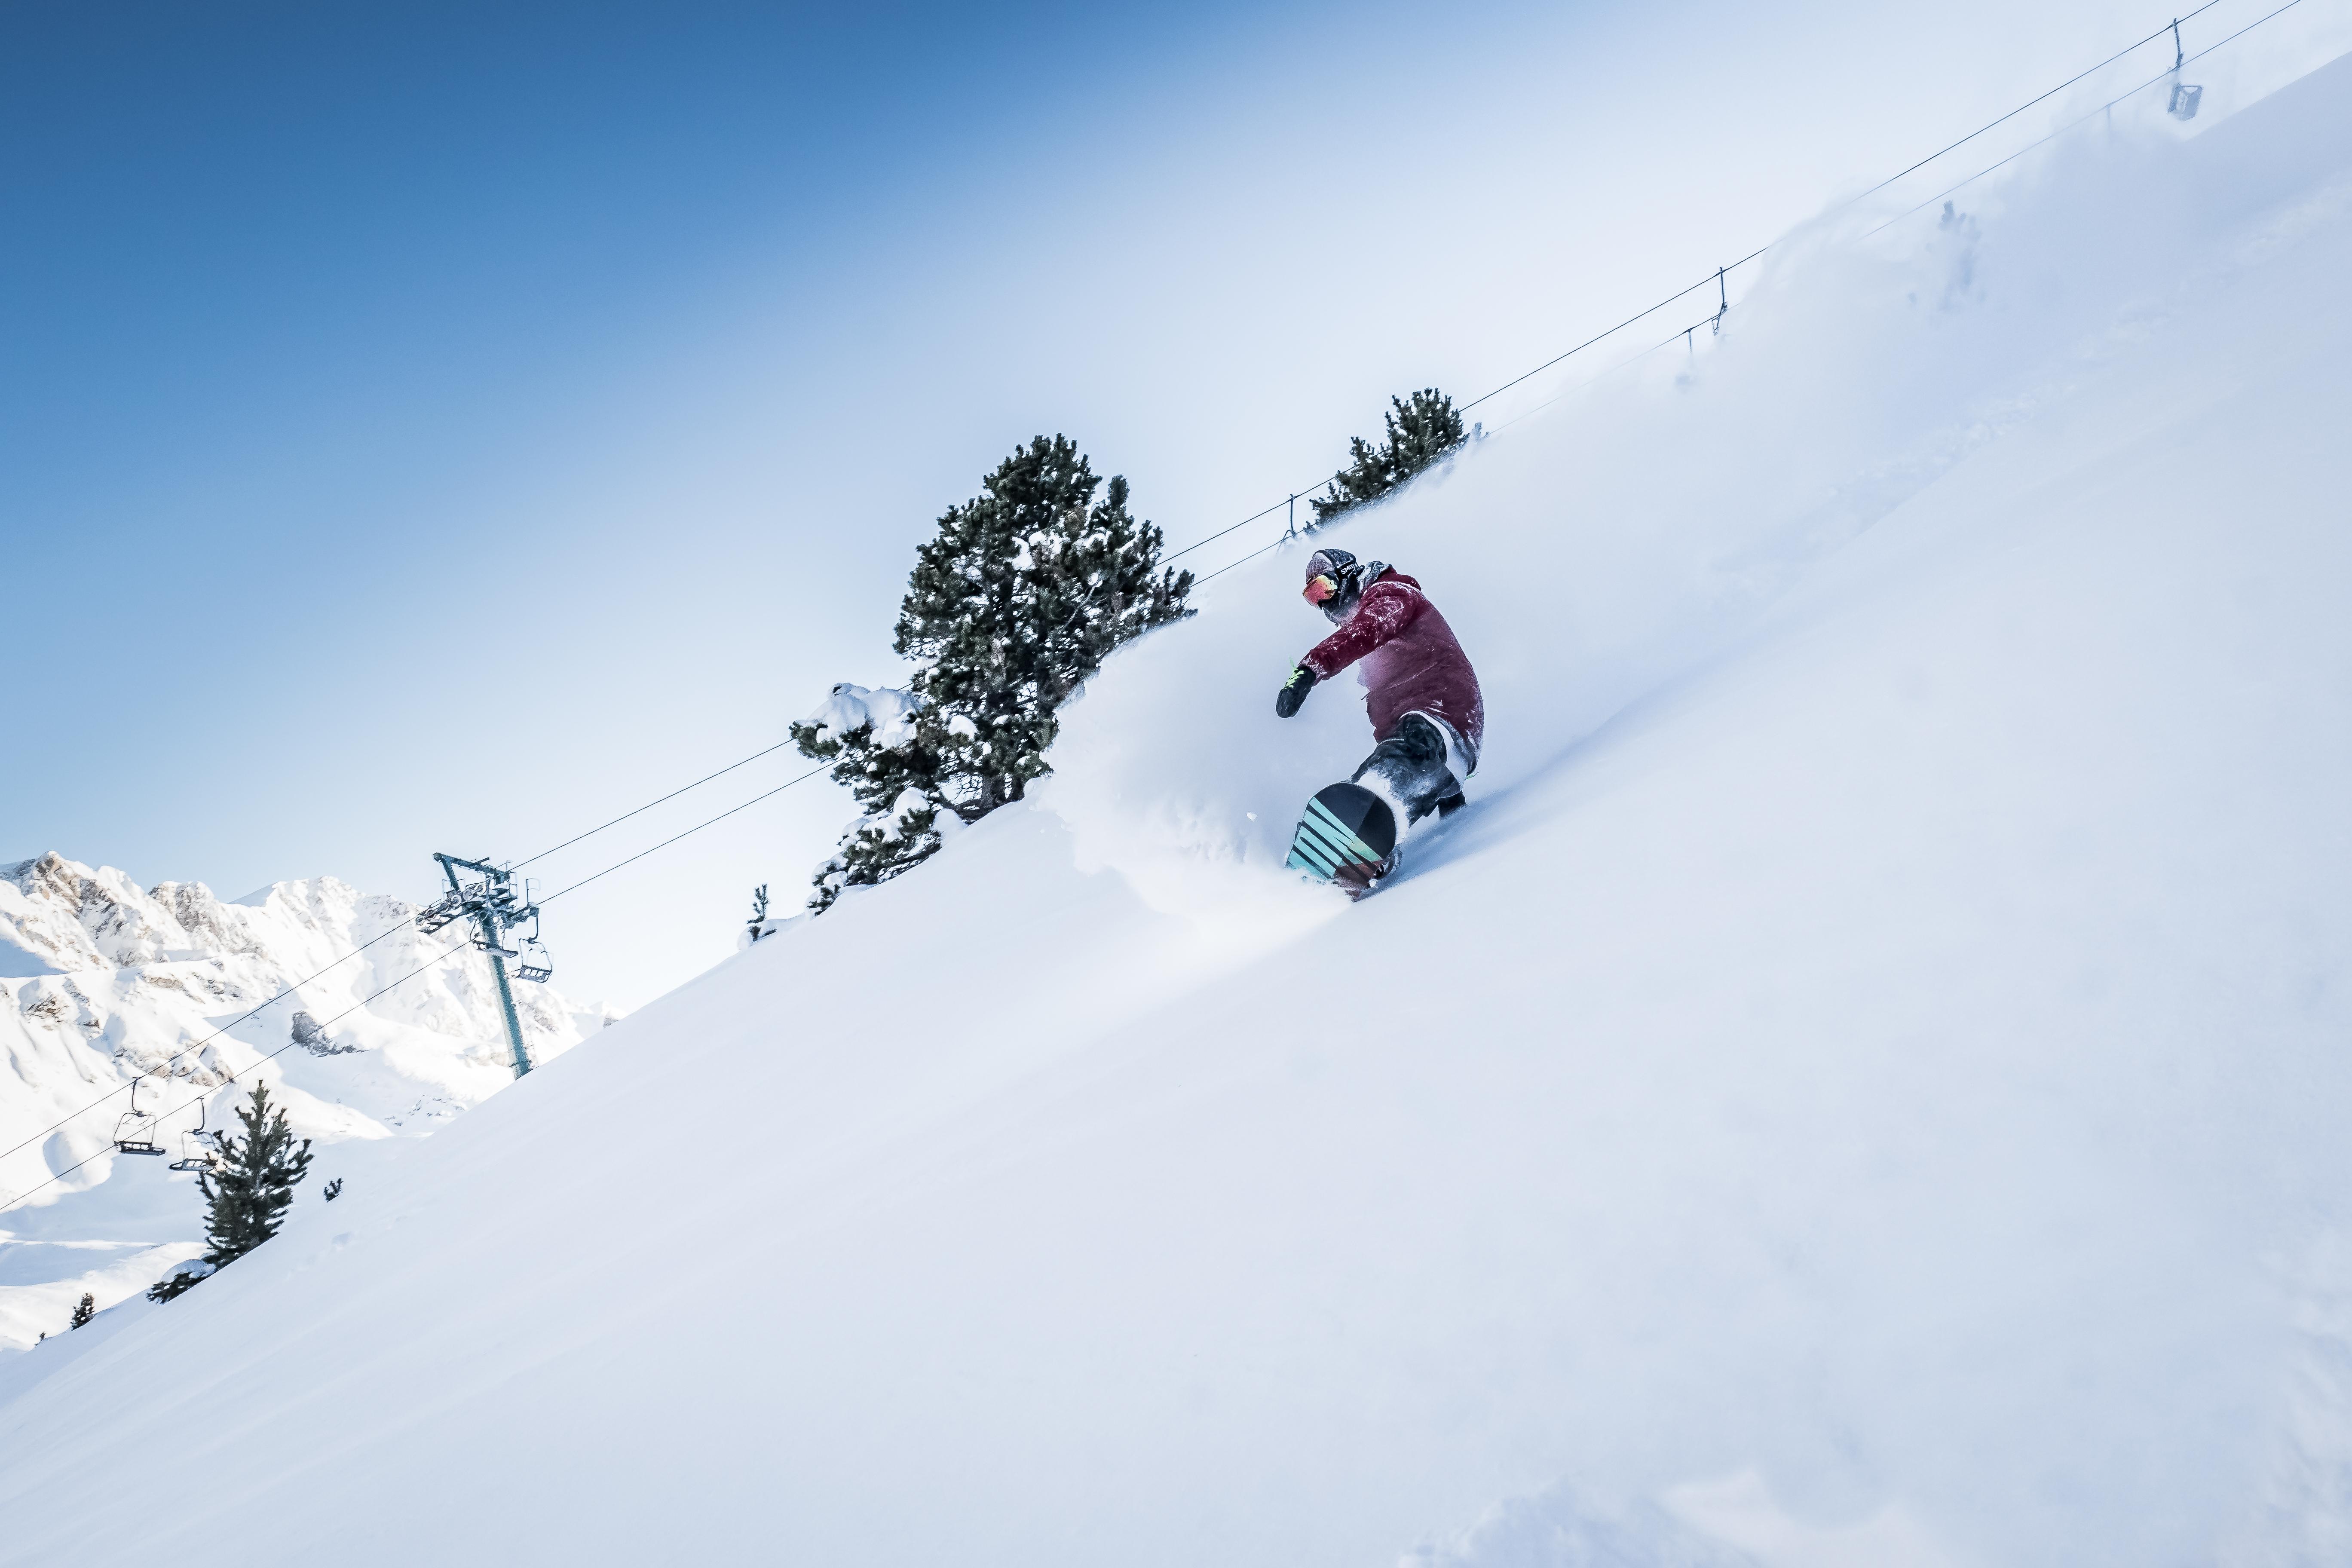 Mantenimiento de esquís y de tablas de snow: listos en quince minutos